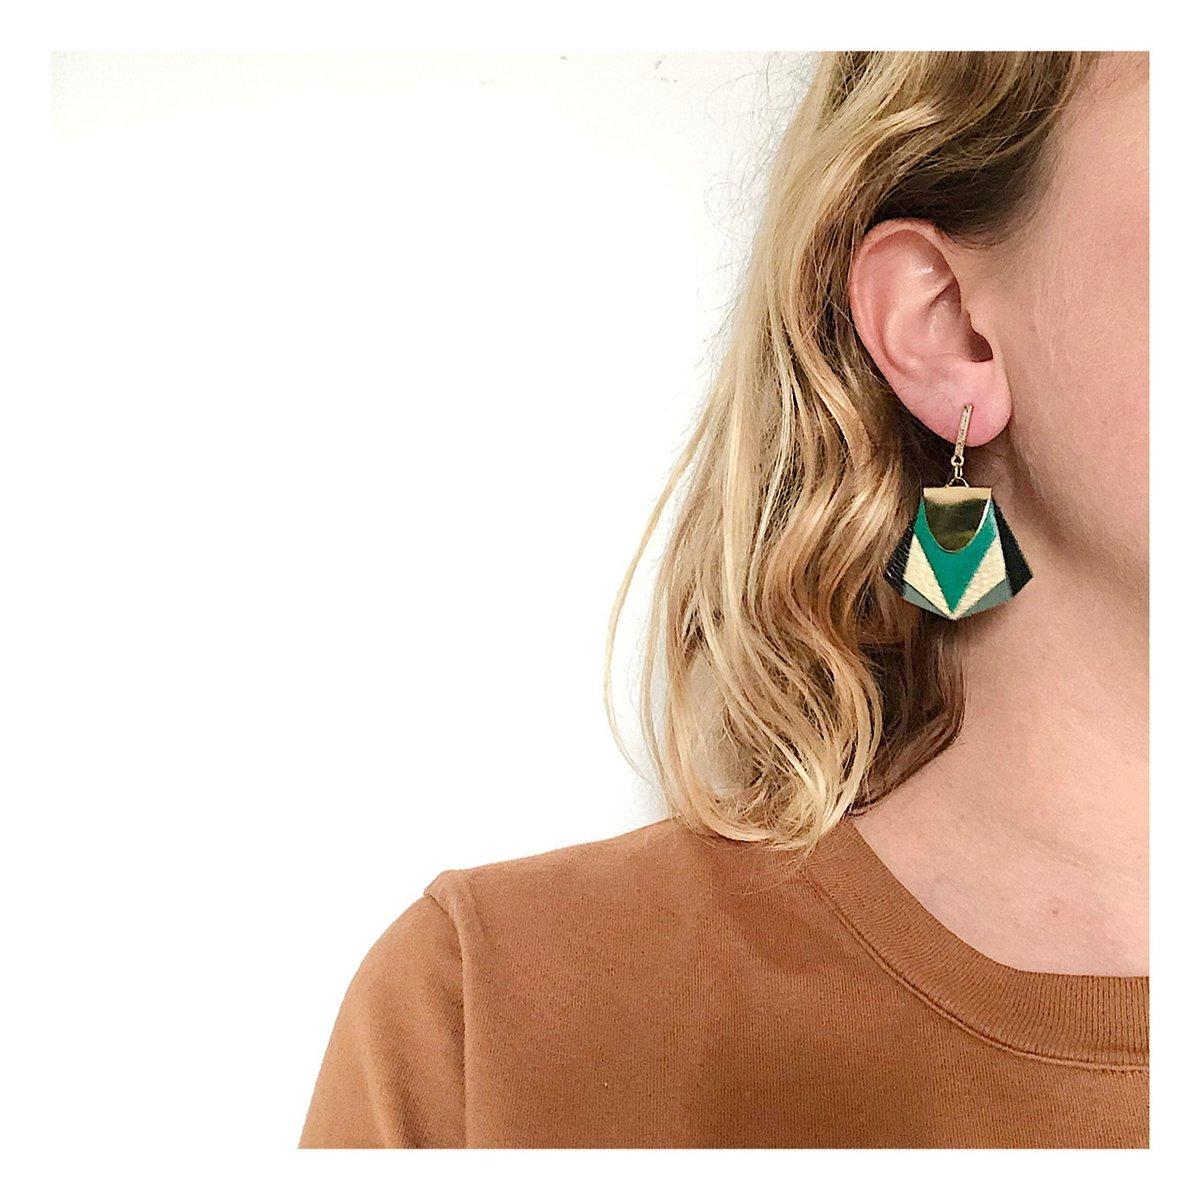 Boucles d'oreilles NOA #23